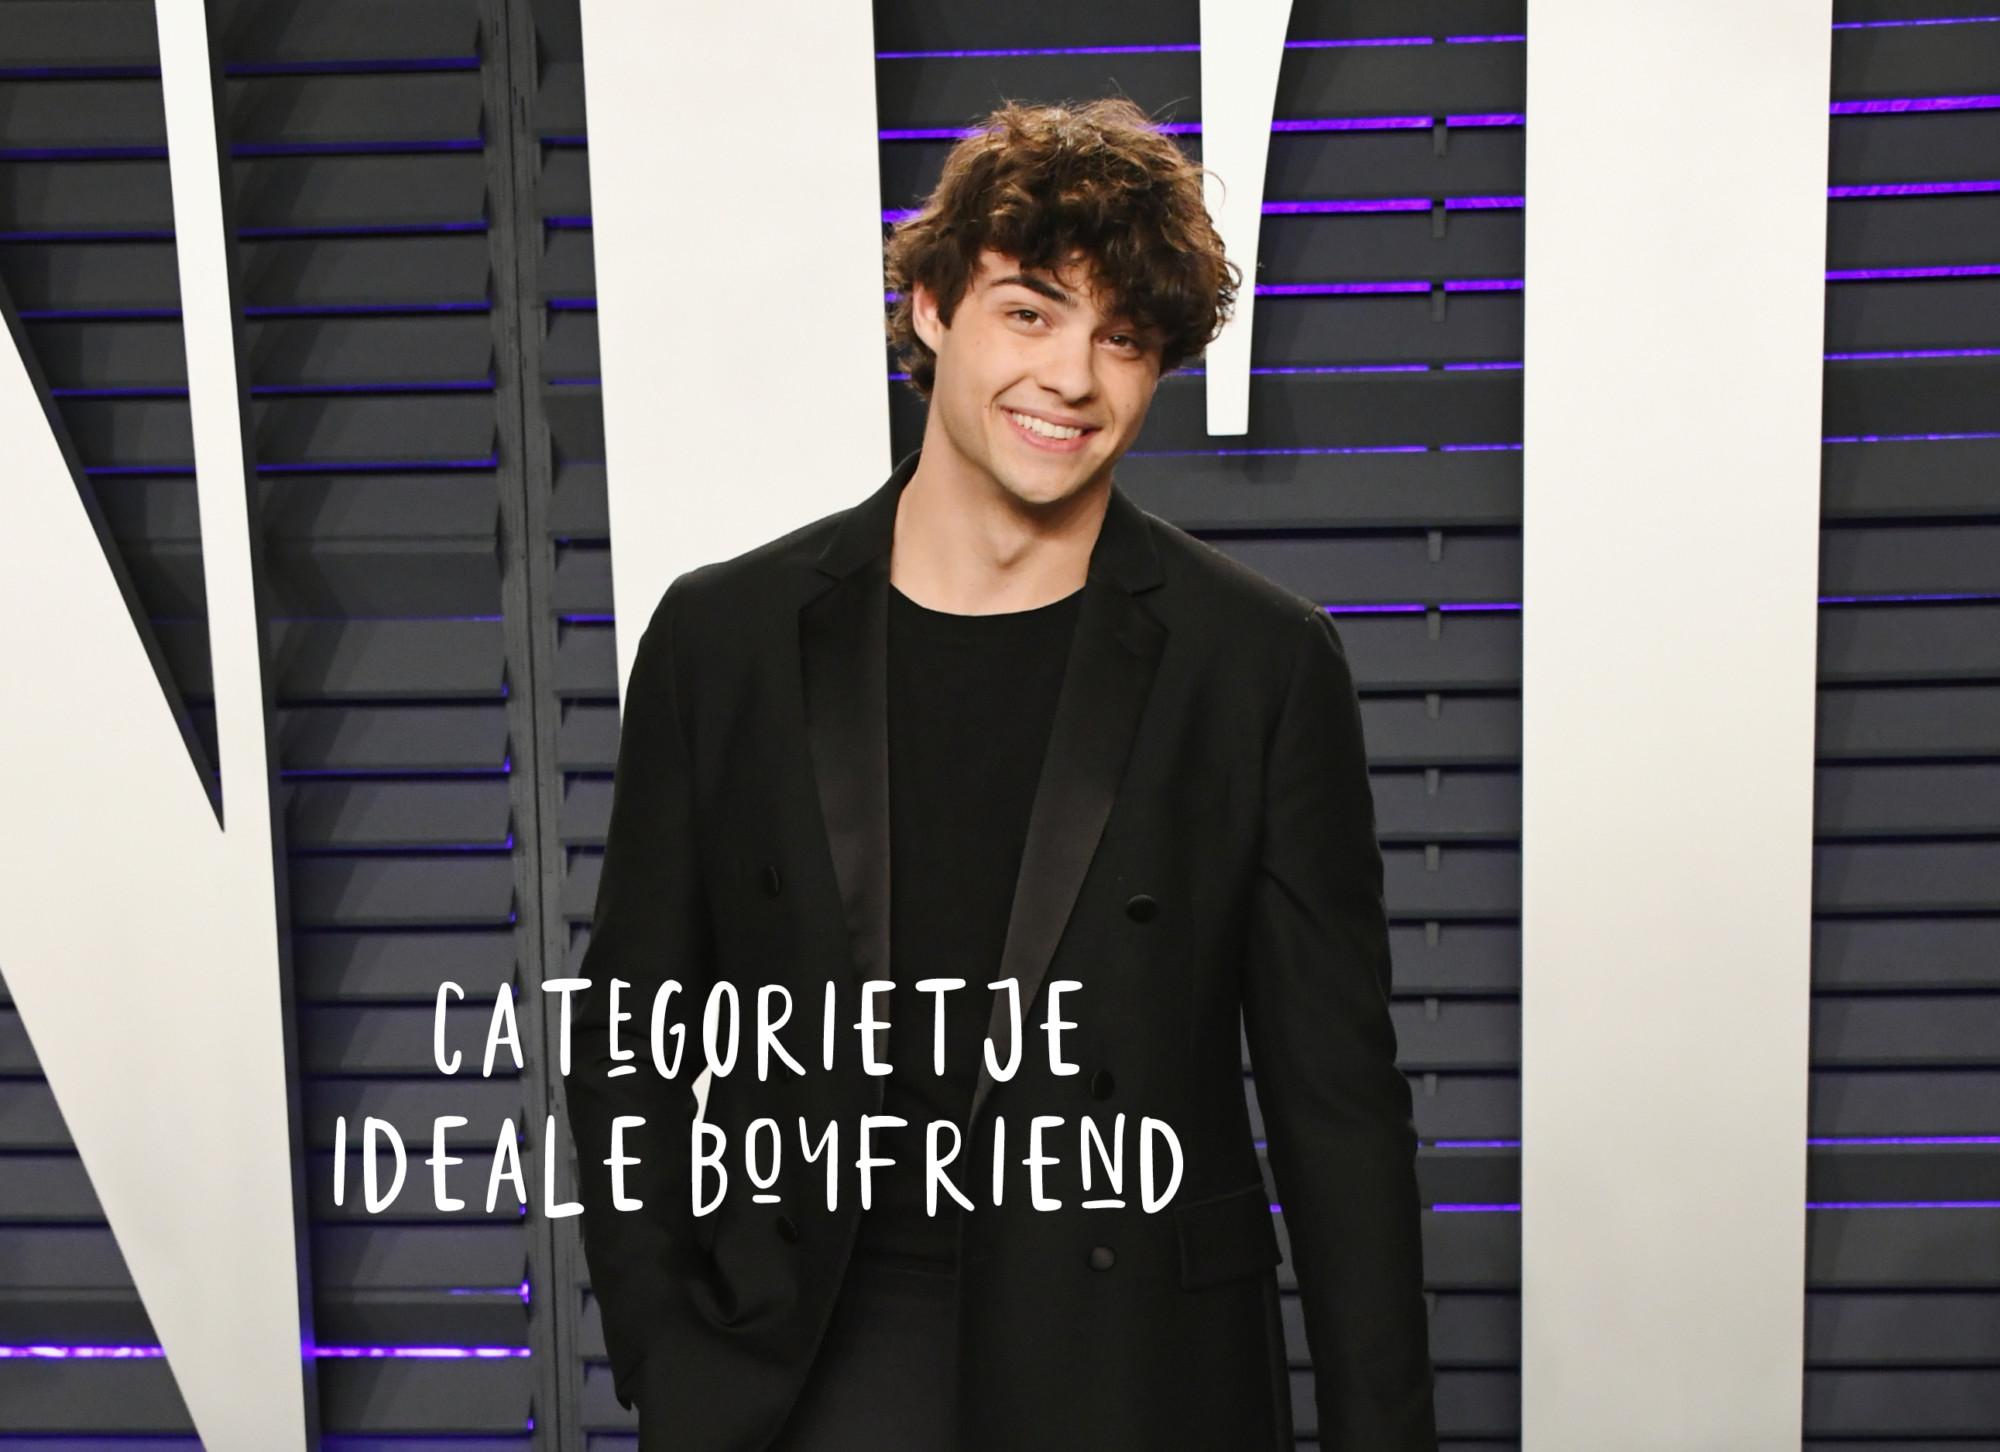 noah centineo in zwart pak met krullen en lacht met tekst categorietje ideale boyfriend